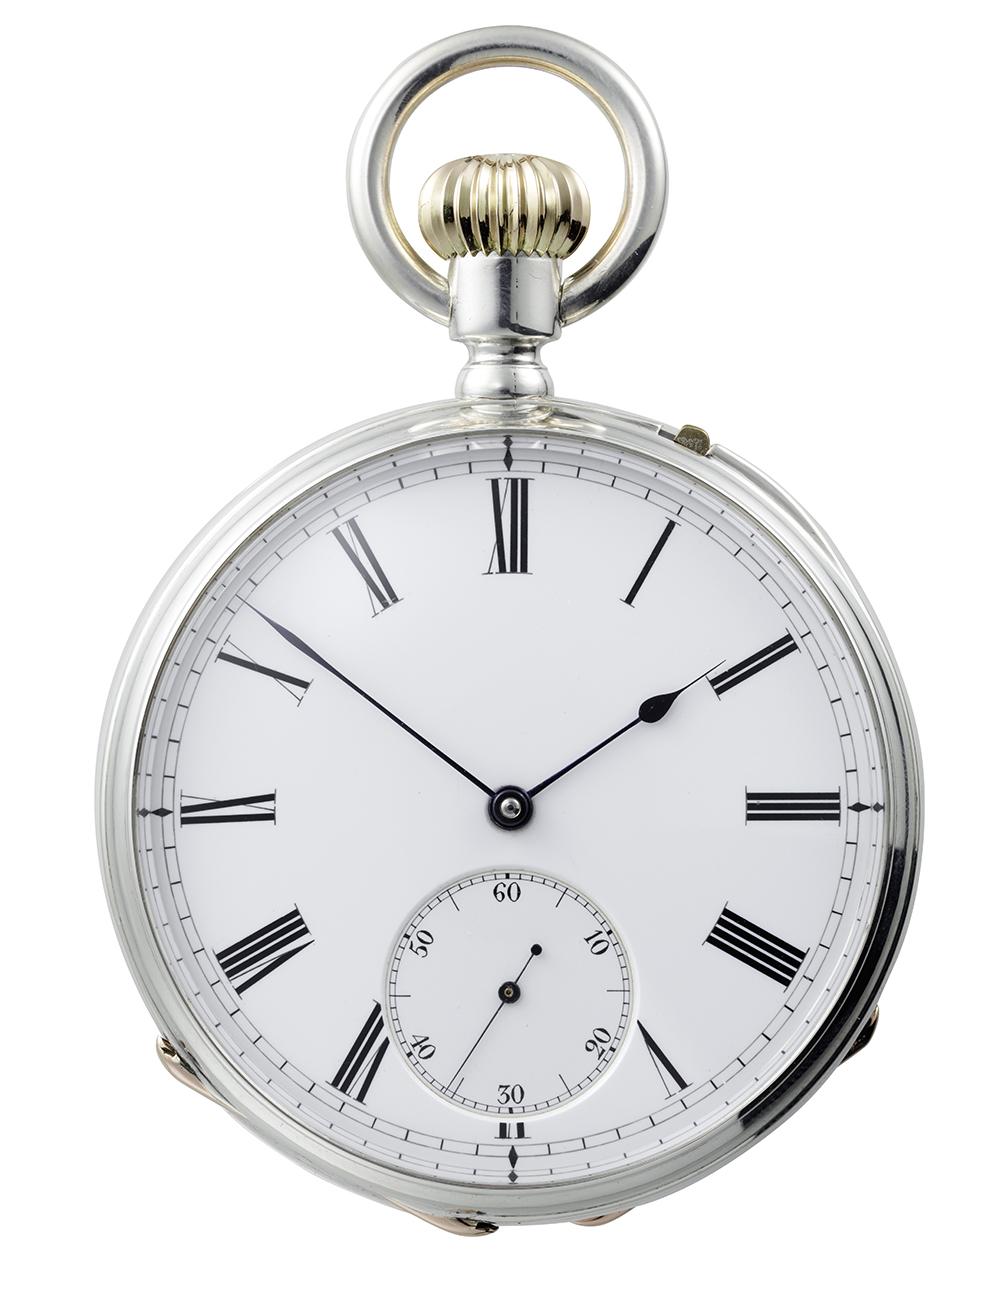 1882年製のアンクル脱進機付きクロノメーター懐中時計